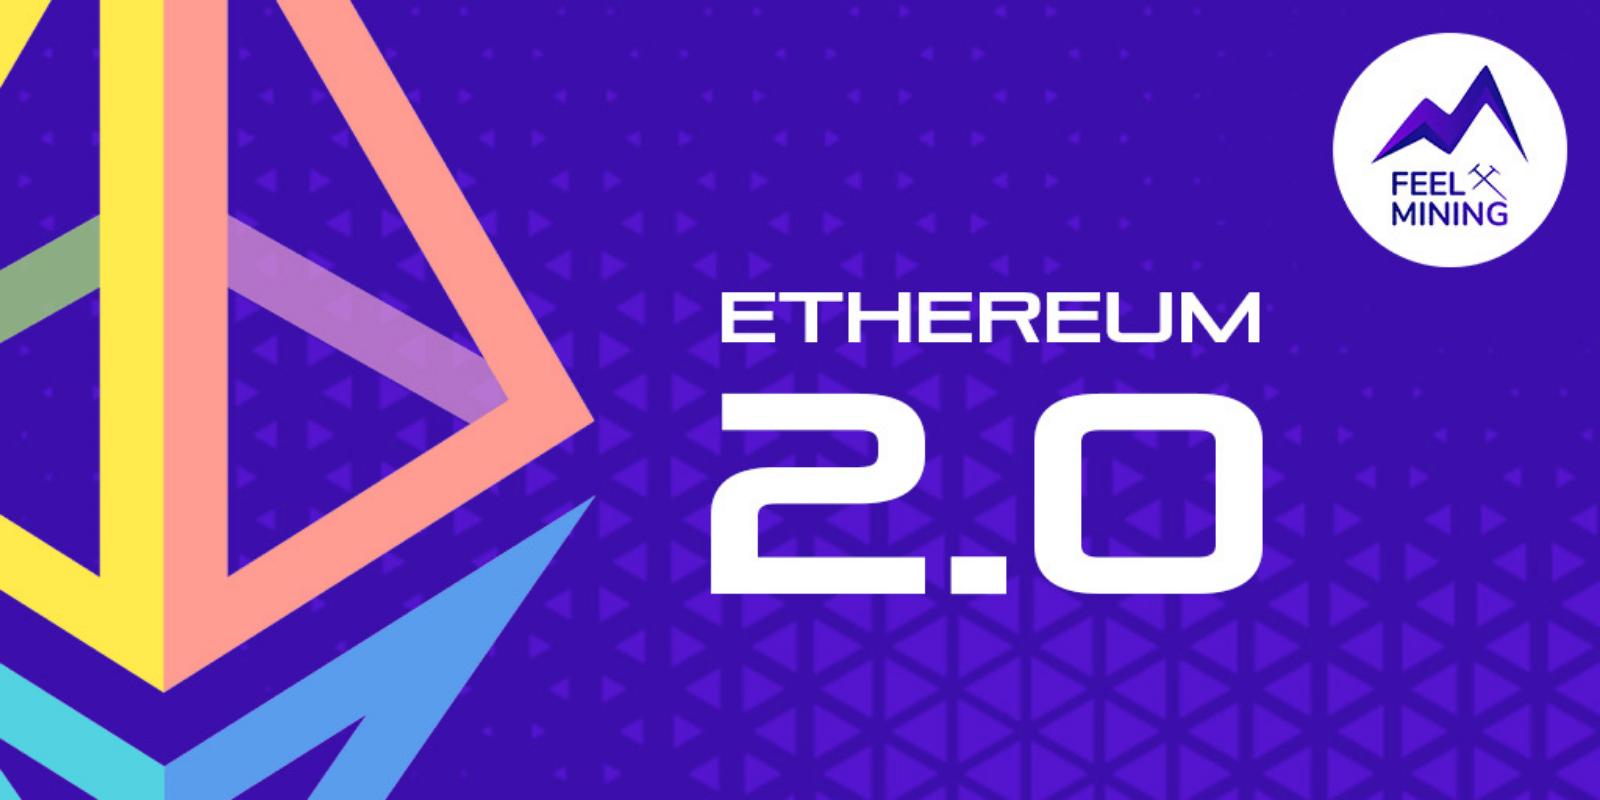 Générer des revenus passifs avec Ethereum 2.0 (ETH) - L'offre accessible à tous de Feel Mining